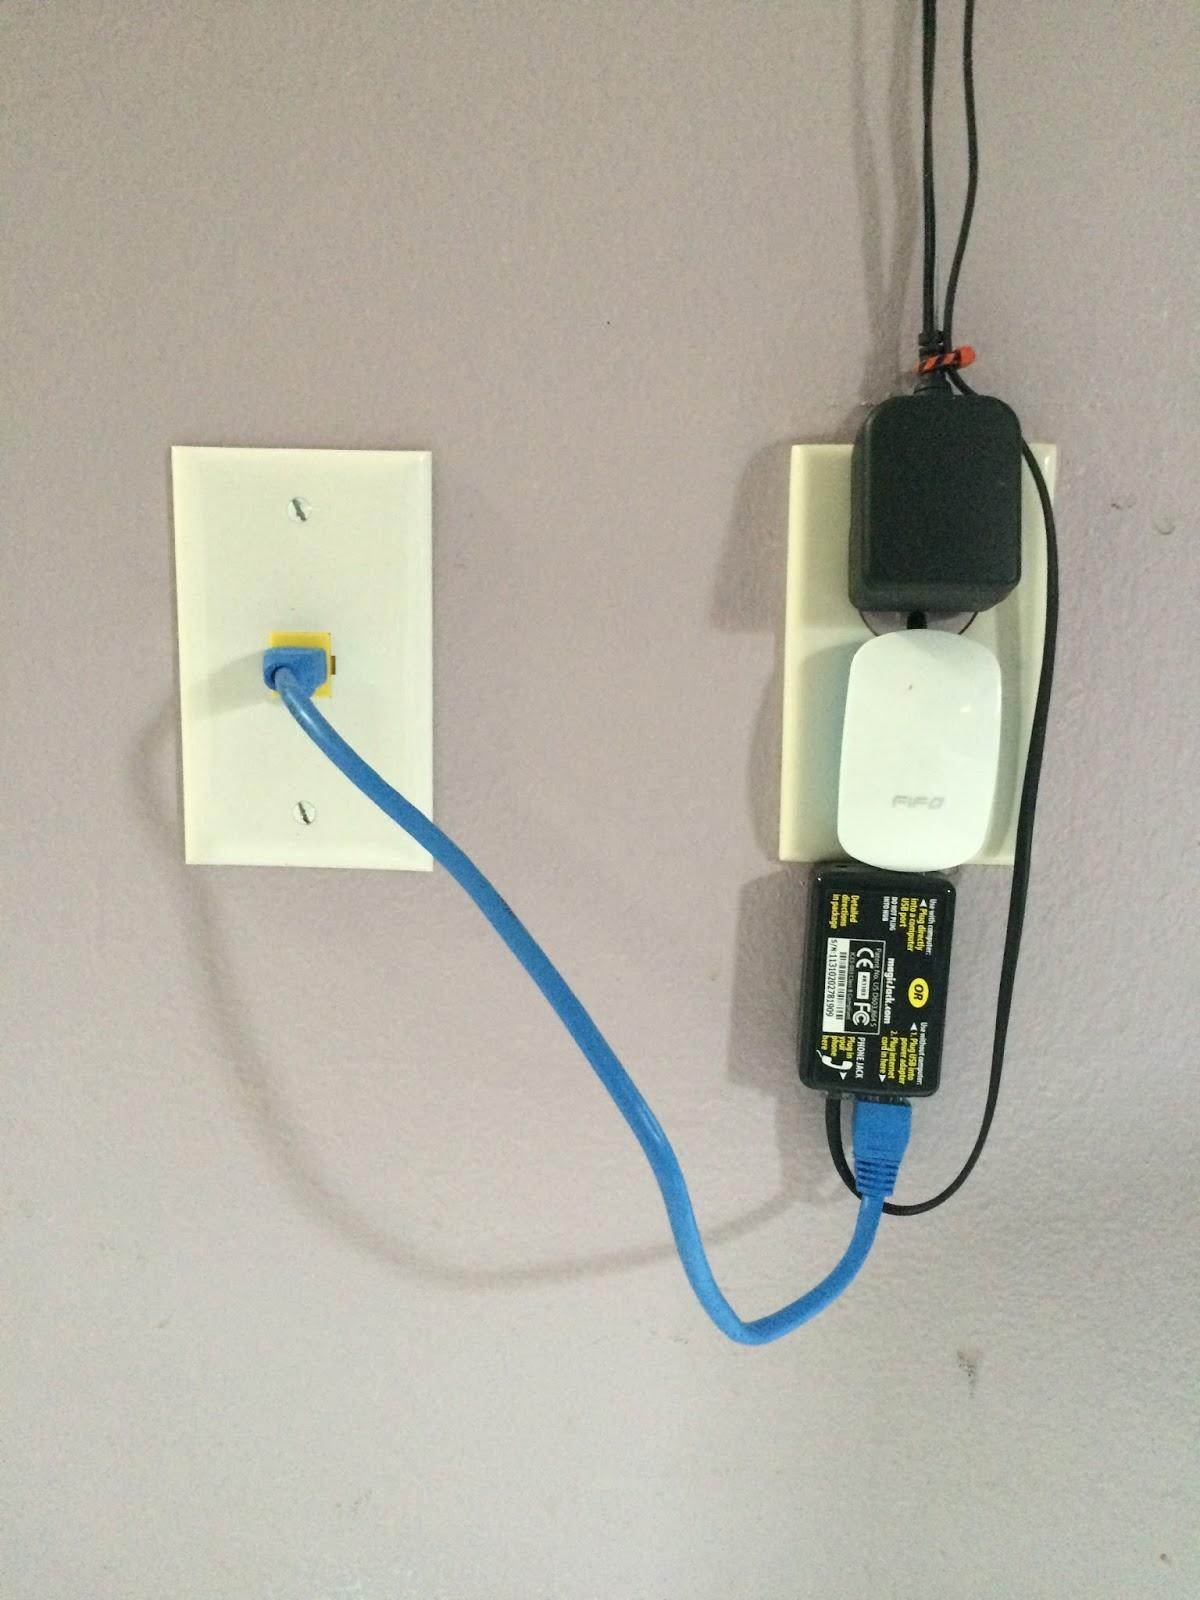 magic jack wiring diagram wiring diagram view magic jack wiring diagram [ 1200 x 1600 Pixel ]